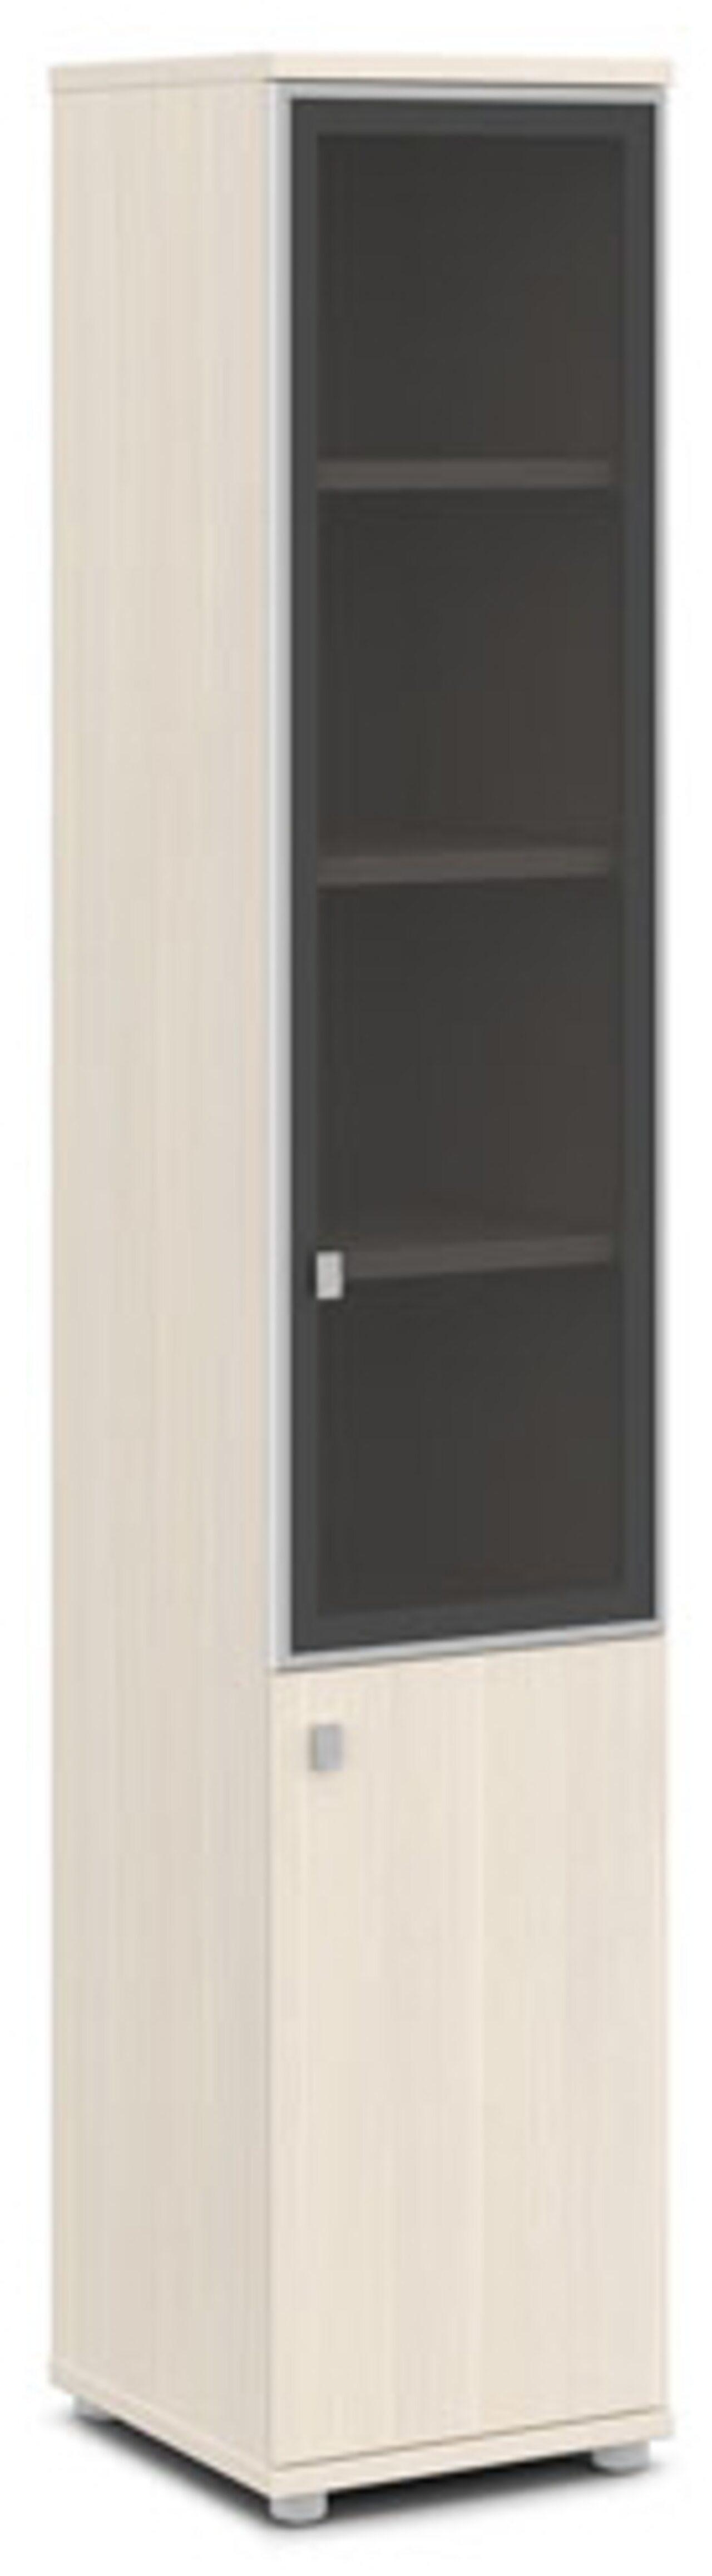 Шкаф со стеклом в алюминиевом профиле  (правый)  Vasanta 42x44x220 - фото 4